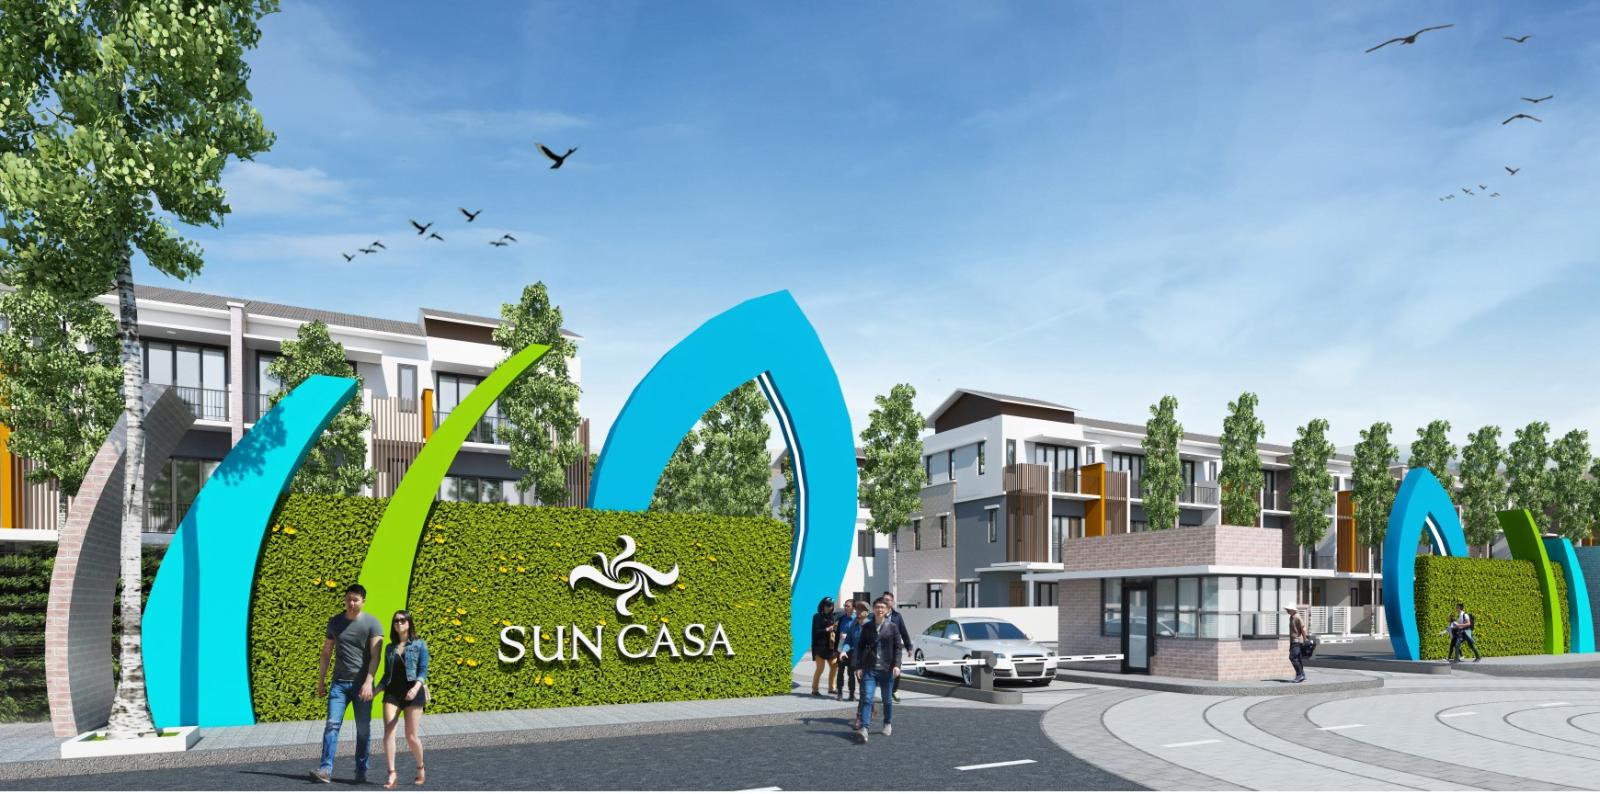 Sun Casa central 01 - DỰ ÁN NHÀ PHỐ SUN CASA CENTRAL THỦ DẦU MỘT BÌNH DƯƠNG